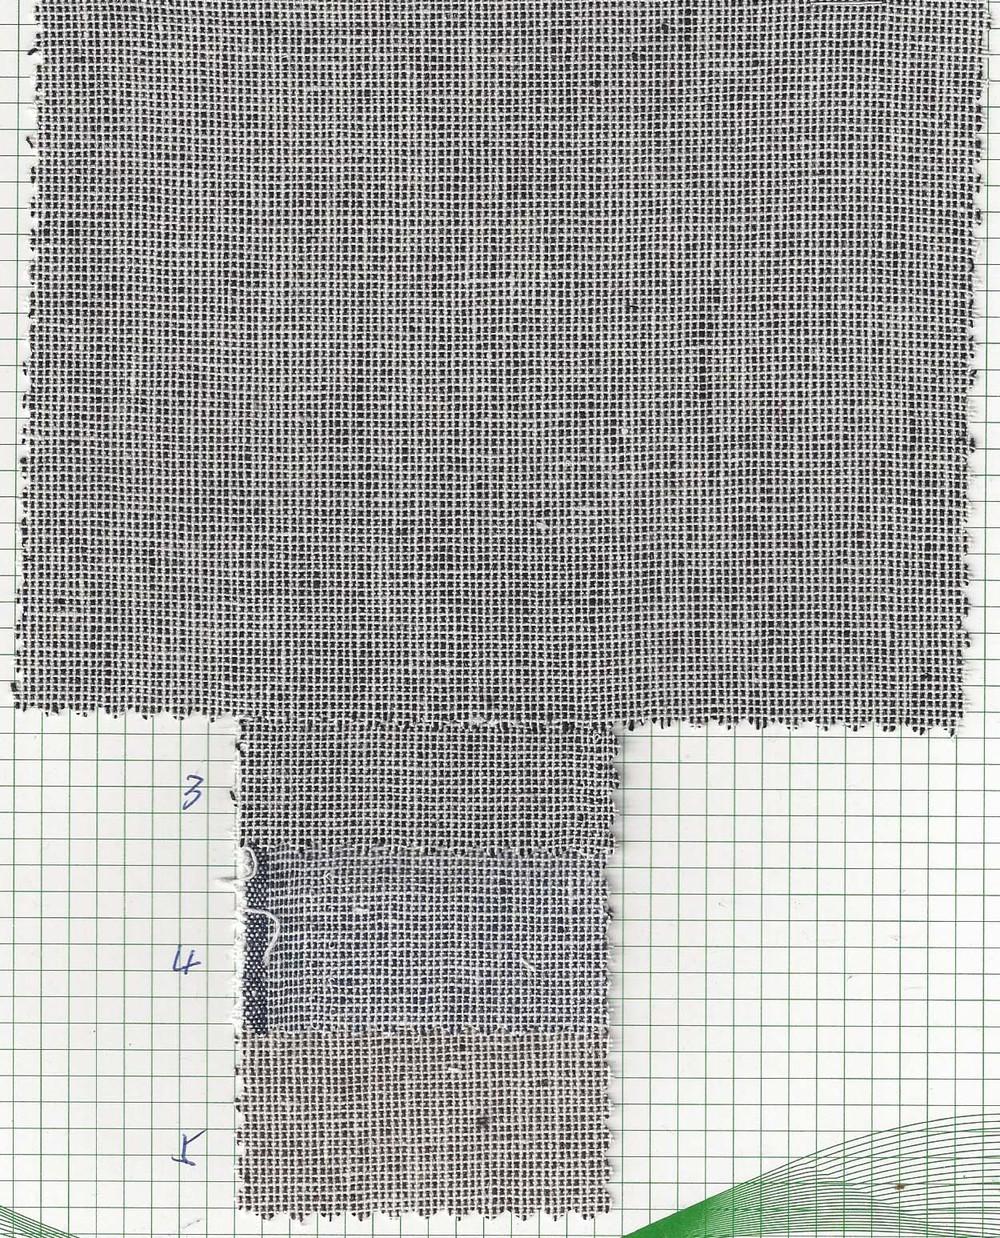 Textile Da Yuan M1329.jpg